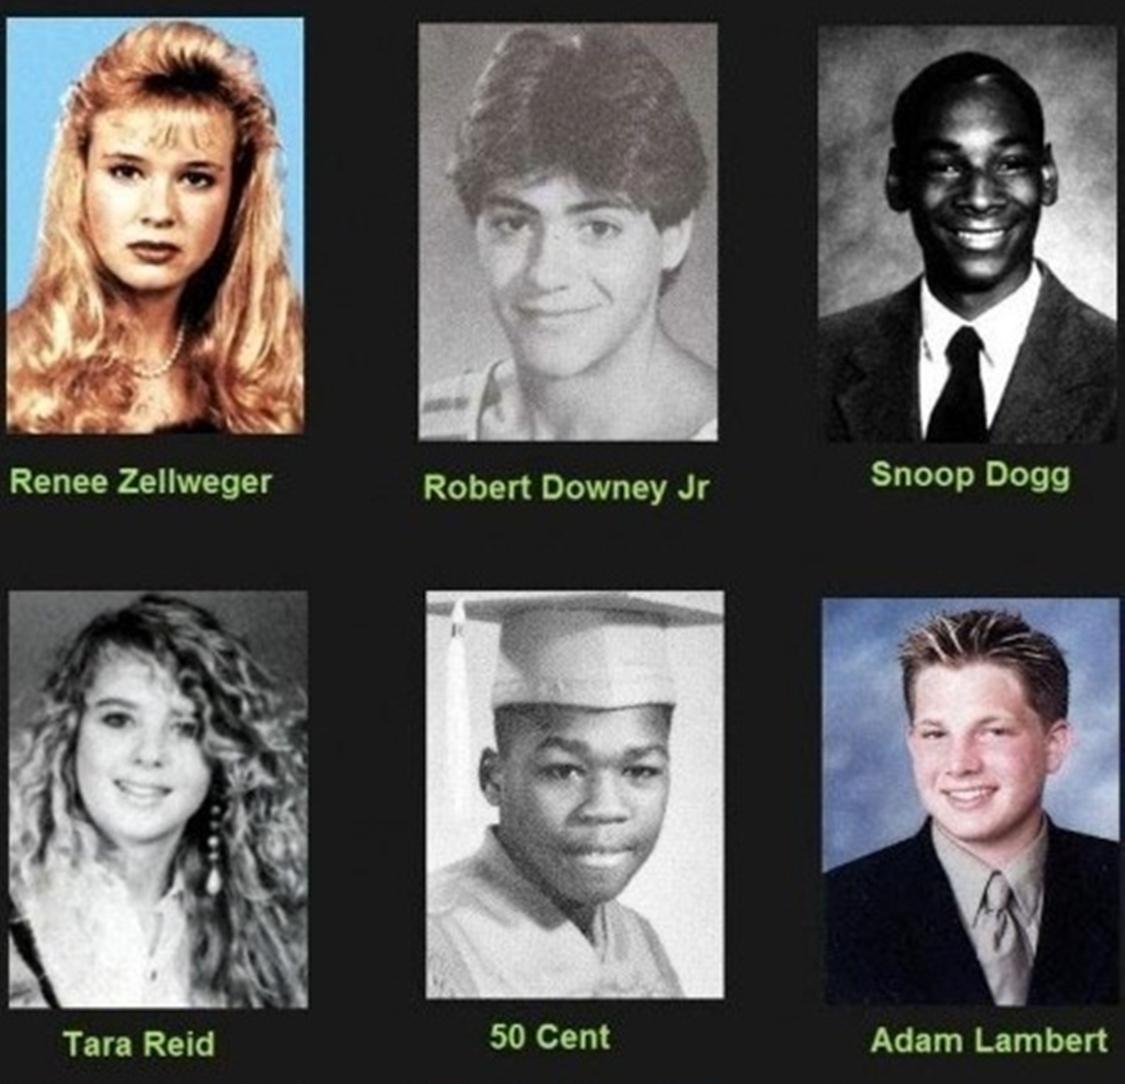 http://4.bp.blogspot.com/-ZPc4U7yDr7Q/TlucBolpjWI/AAAAAAAAC_w/oMGz-oROwUY/s1600/celebrity_yearbook02.jpg